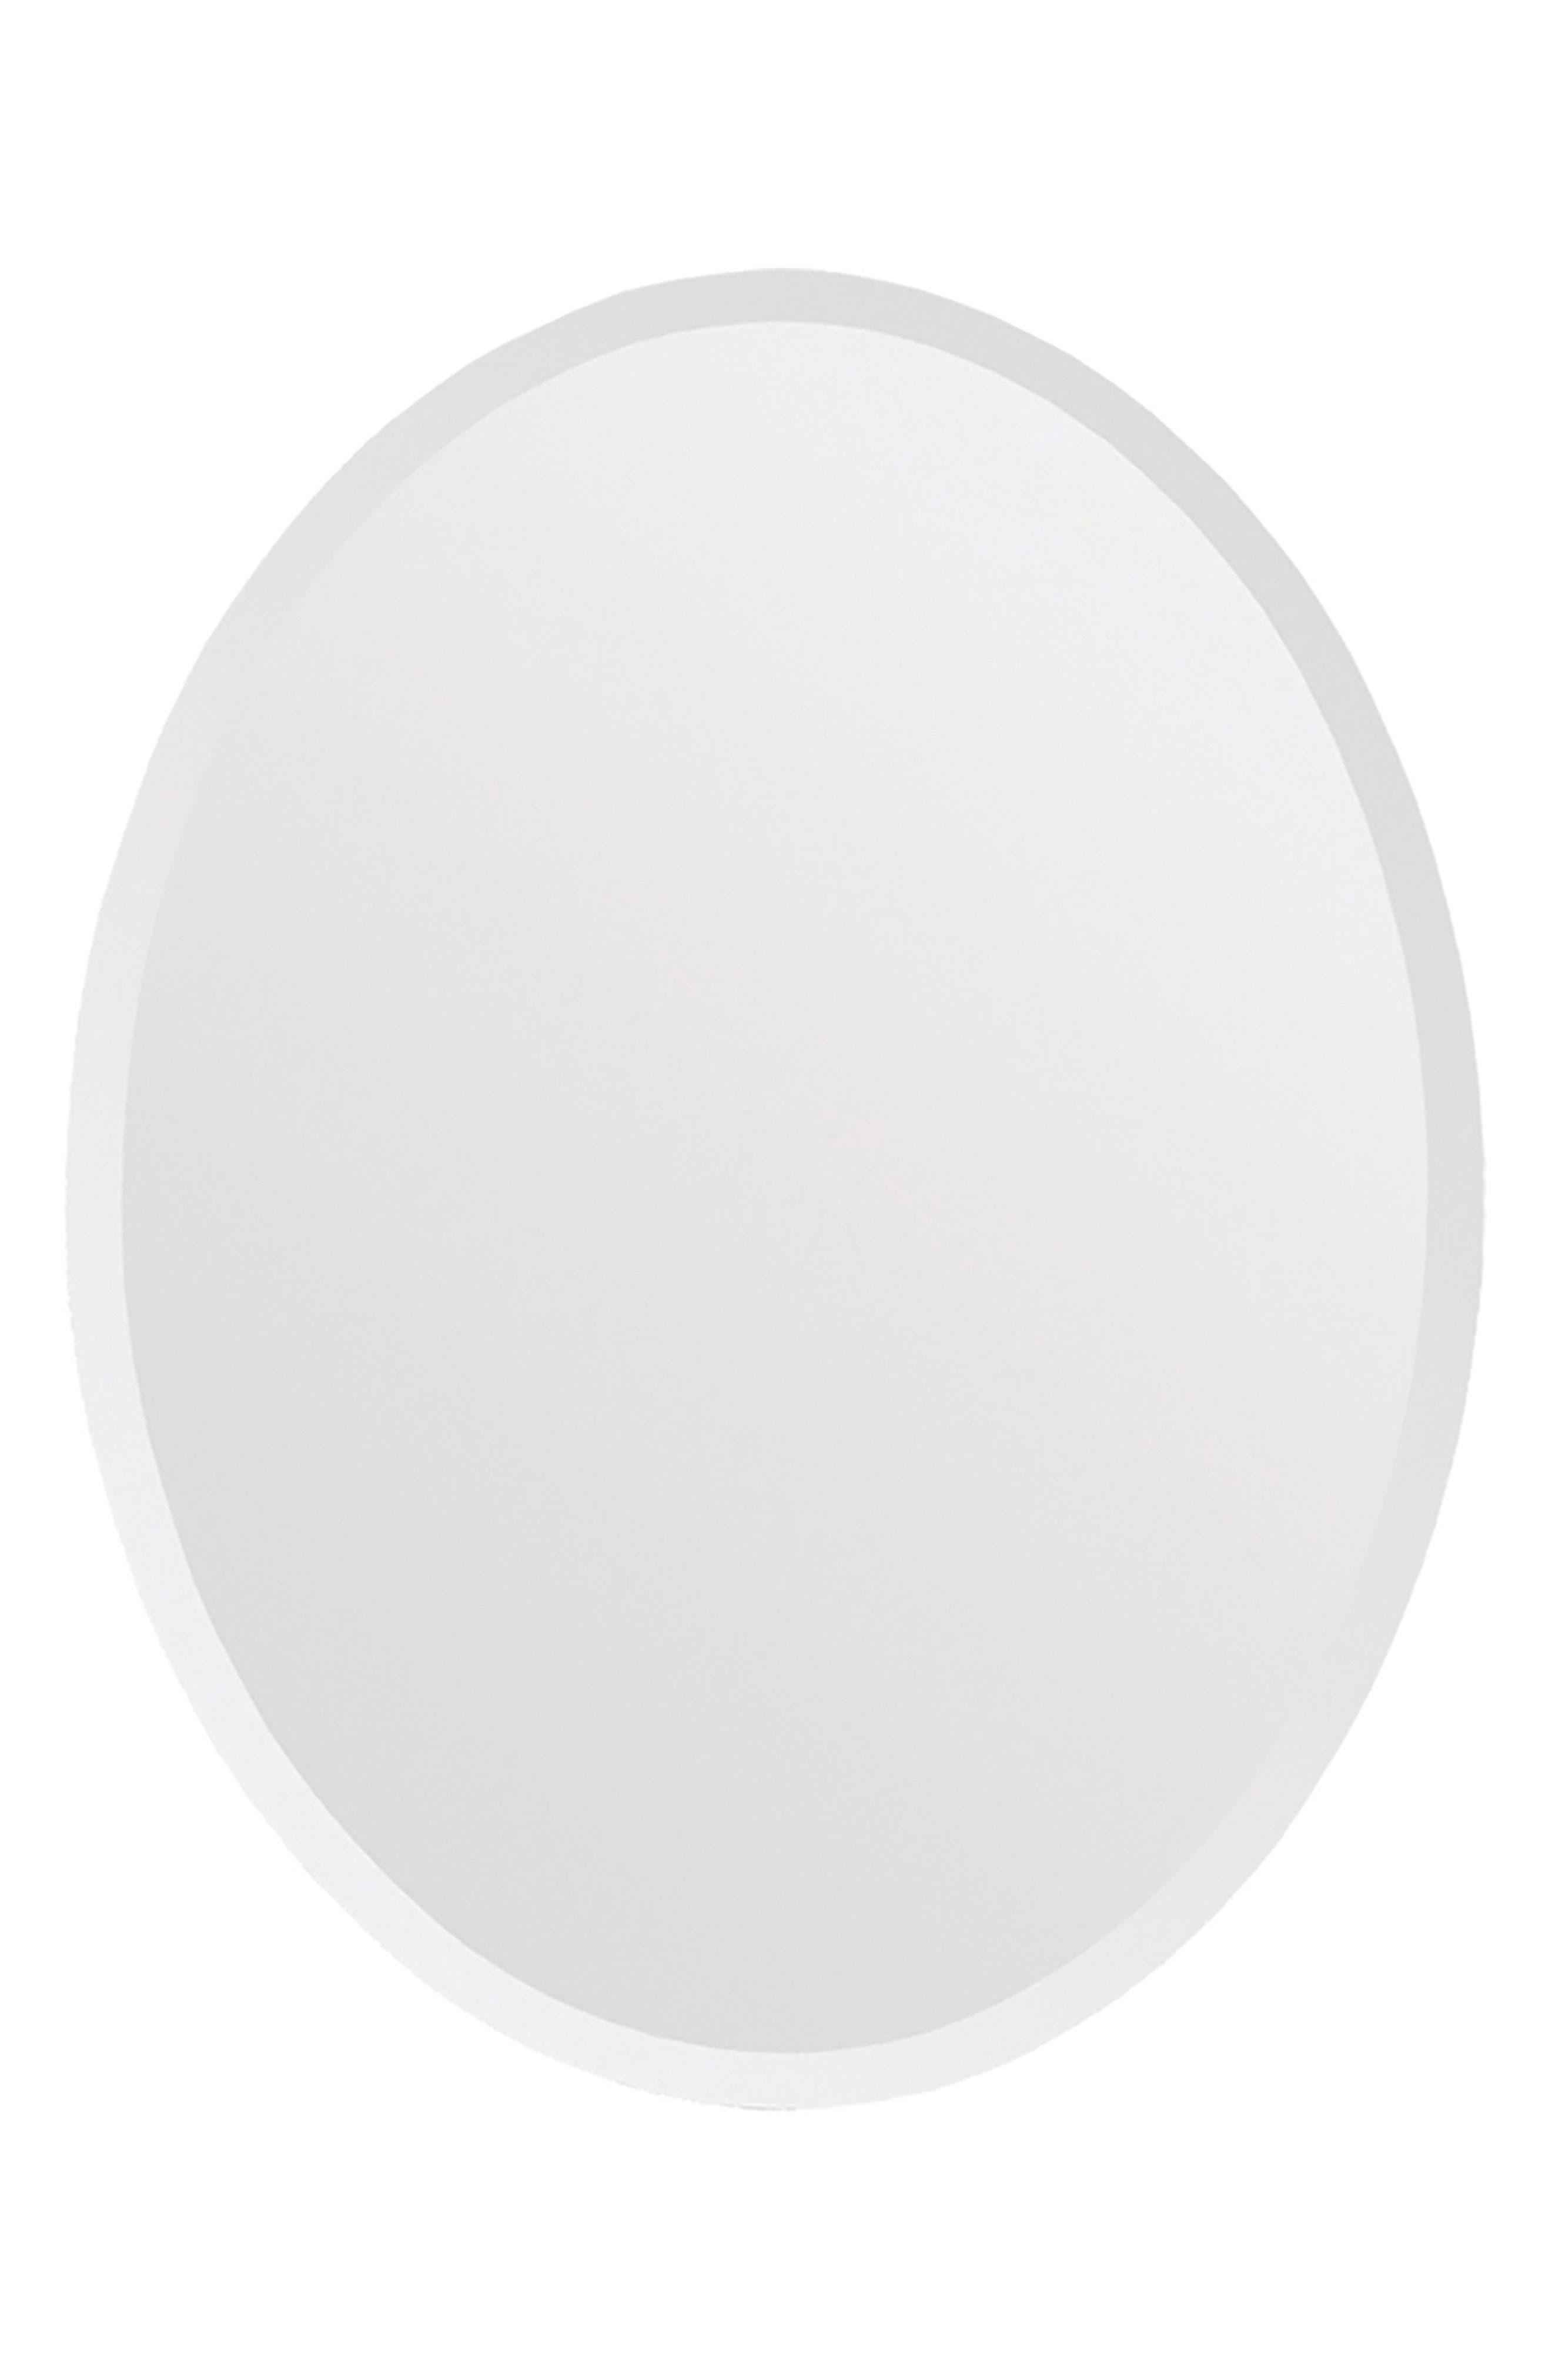 Zsa Zsa Oval Mirror,                         Main,                         color, 100